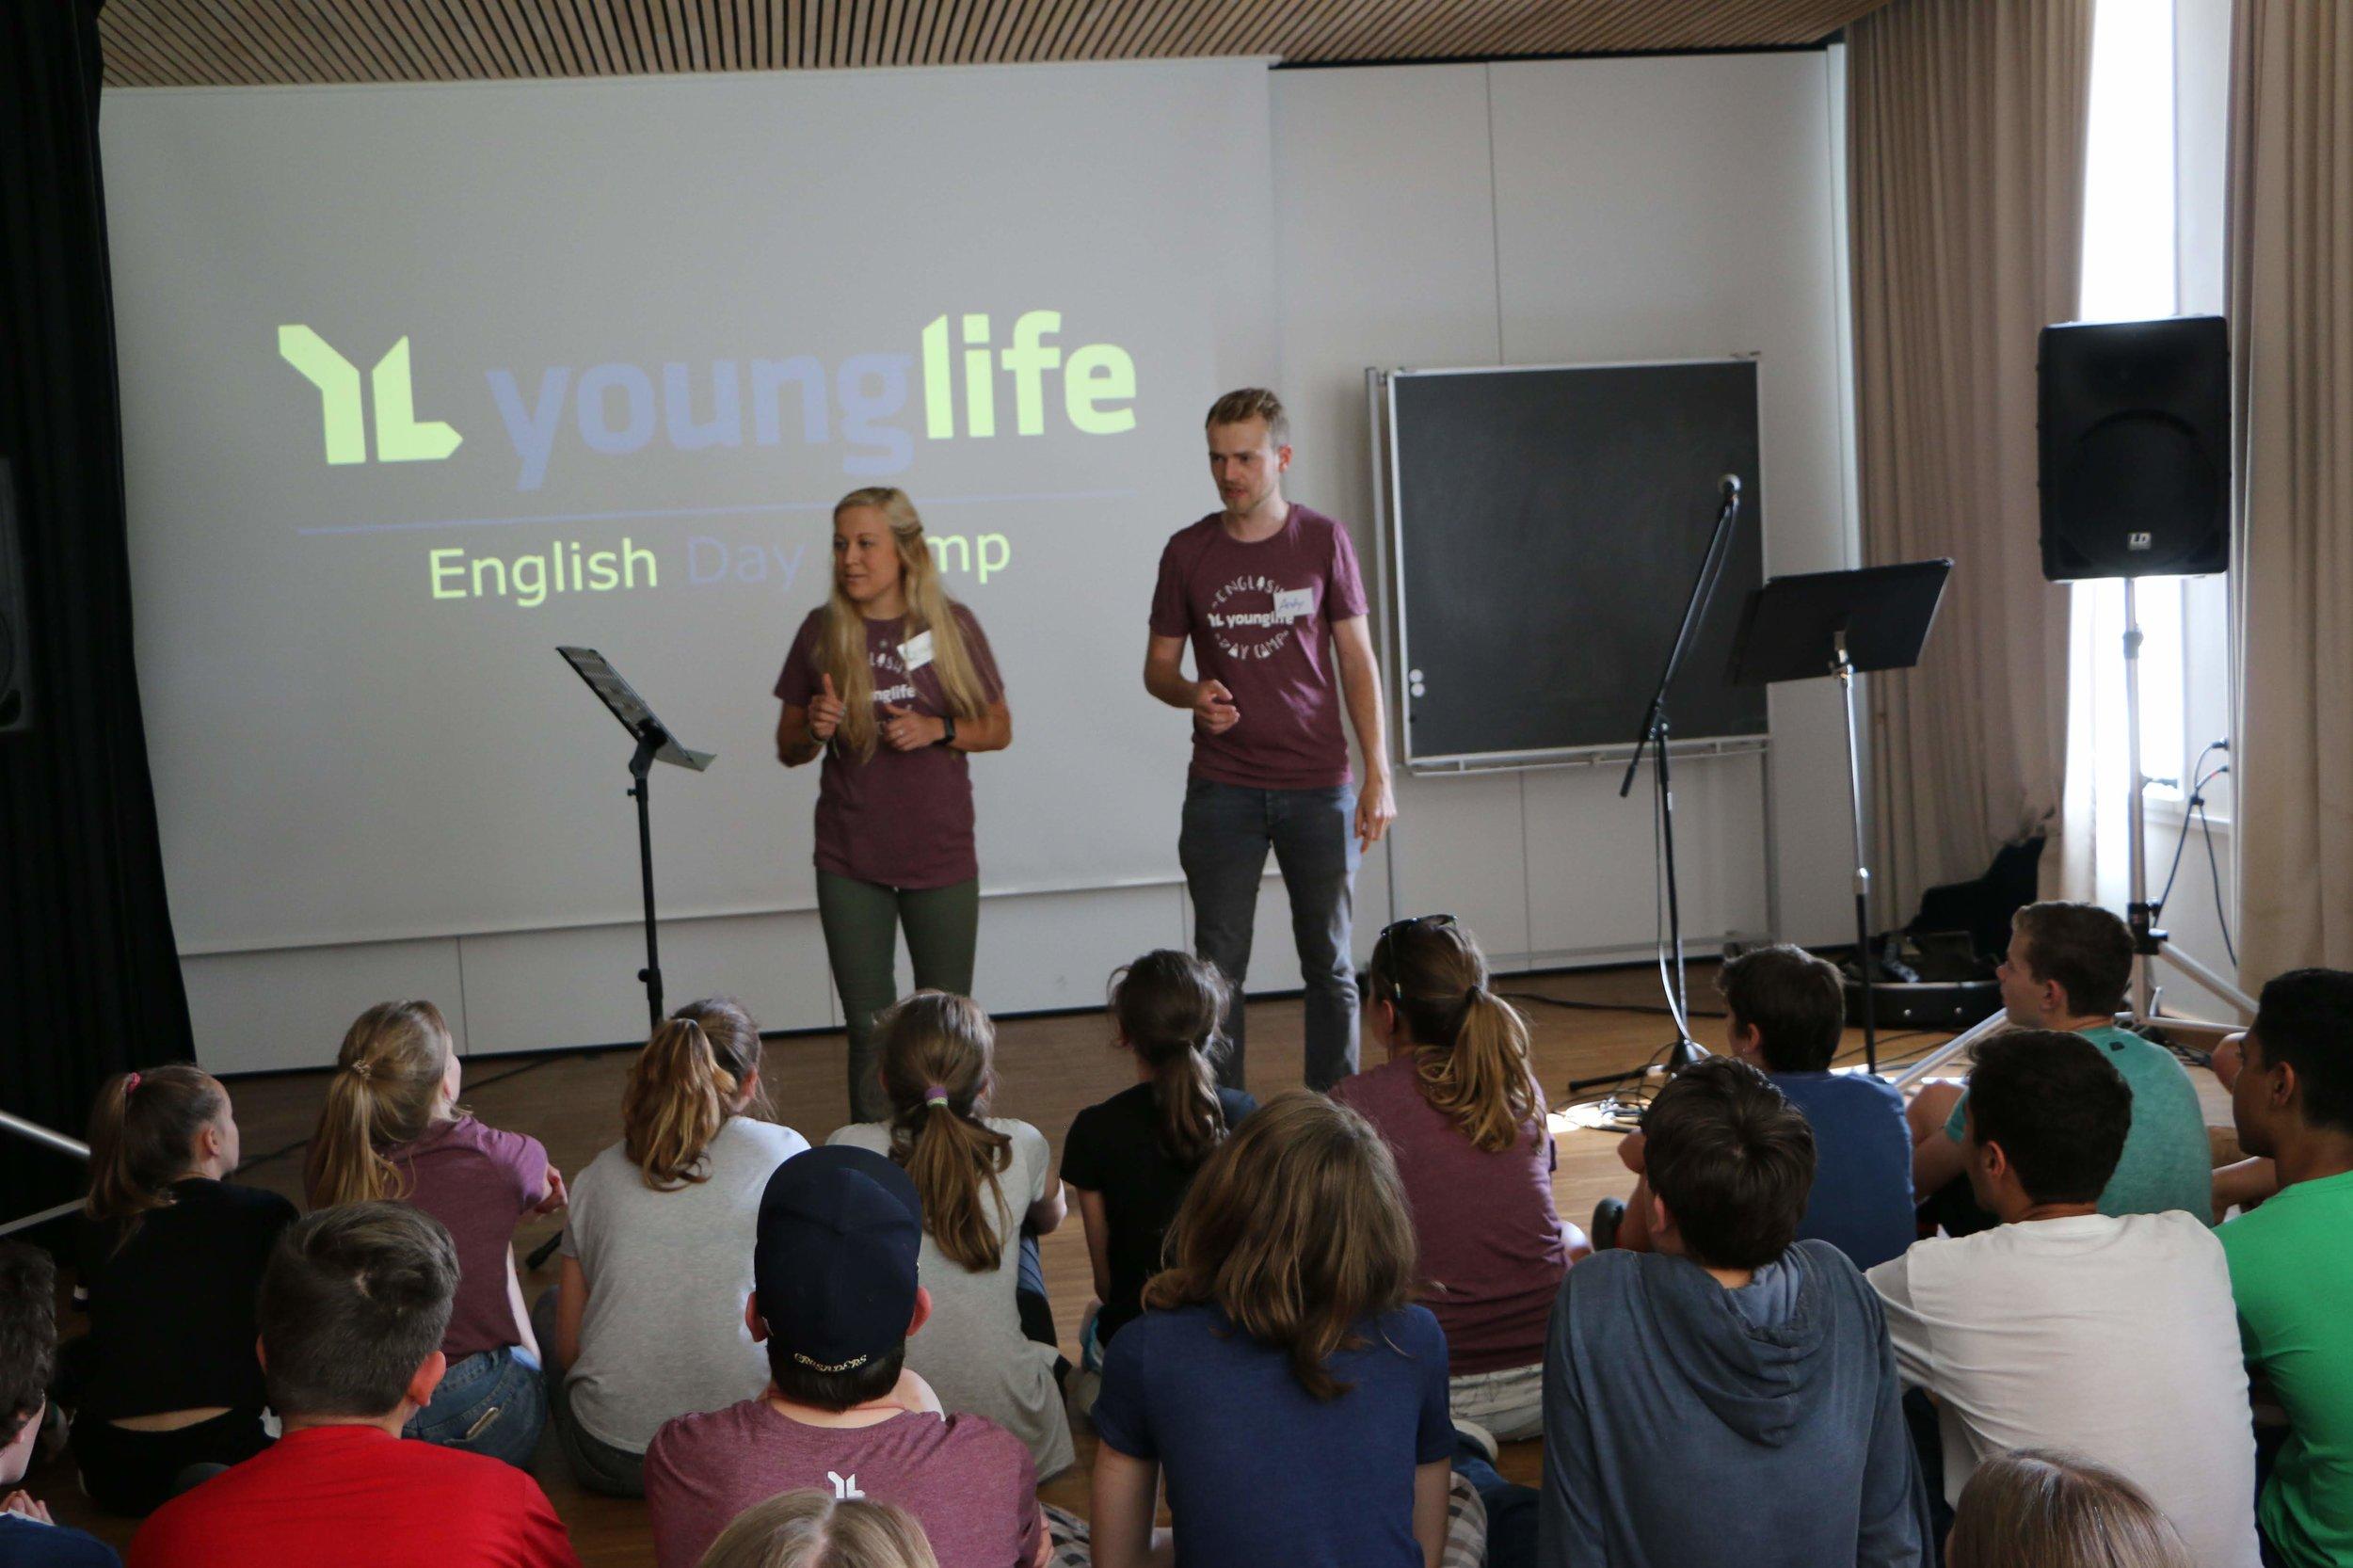 Young Life Club - Jeden Nachmittag beschließen wir den Tag mit unserem Young Life Club, mit Liedern, Spiel und viel Humor. Dabei beschäftigen wir uns auf moderne Art und Weise mit dem christlichen Glauben und dann sehen wir uns am nächsten Tag wieder - in alter Frische und mit neuer Energie.